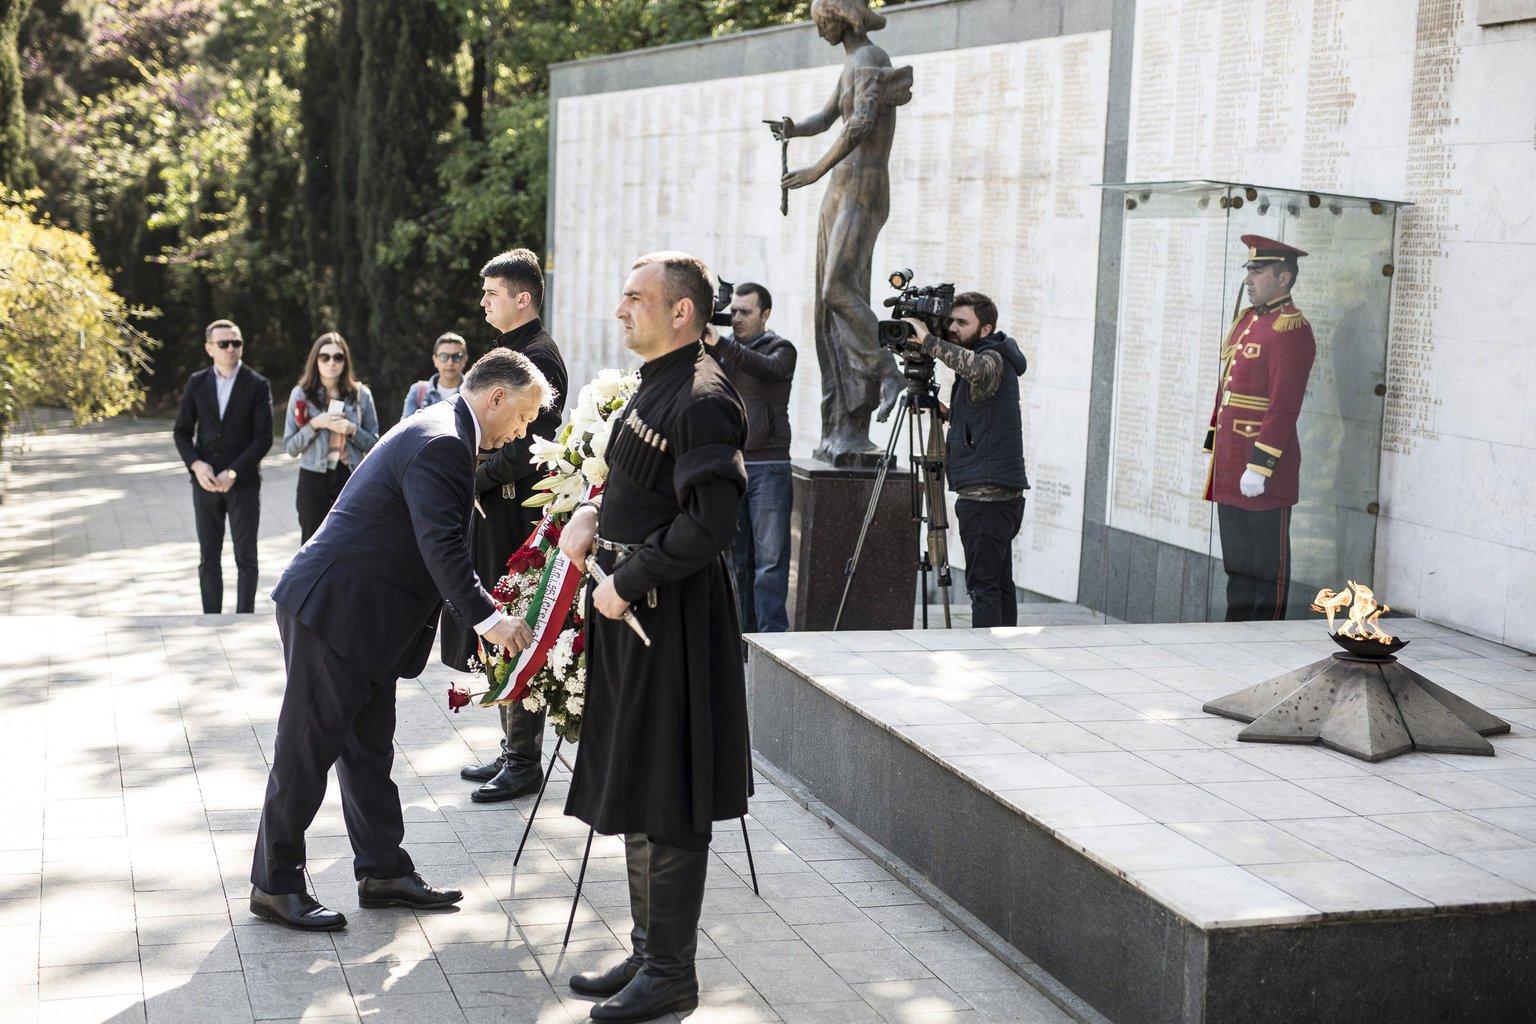 A Miniszterelnöki Sajtóiroda által közzétett képen Orbán Viktor kormányfő megkoszorúzza a hősi emlékművet Tbilisziben 2017. április 21-én. MTI Fotó: Miniszterelnöki Sajtóiroda / Szecsődi Balázs